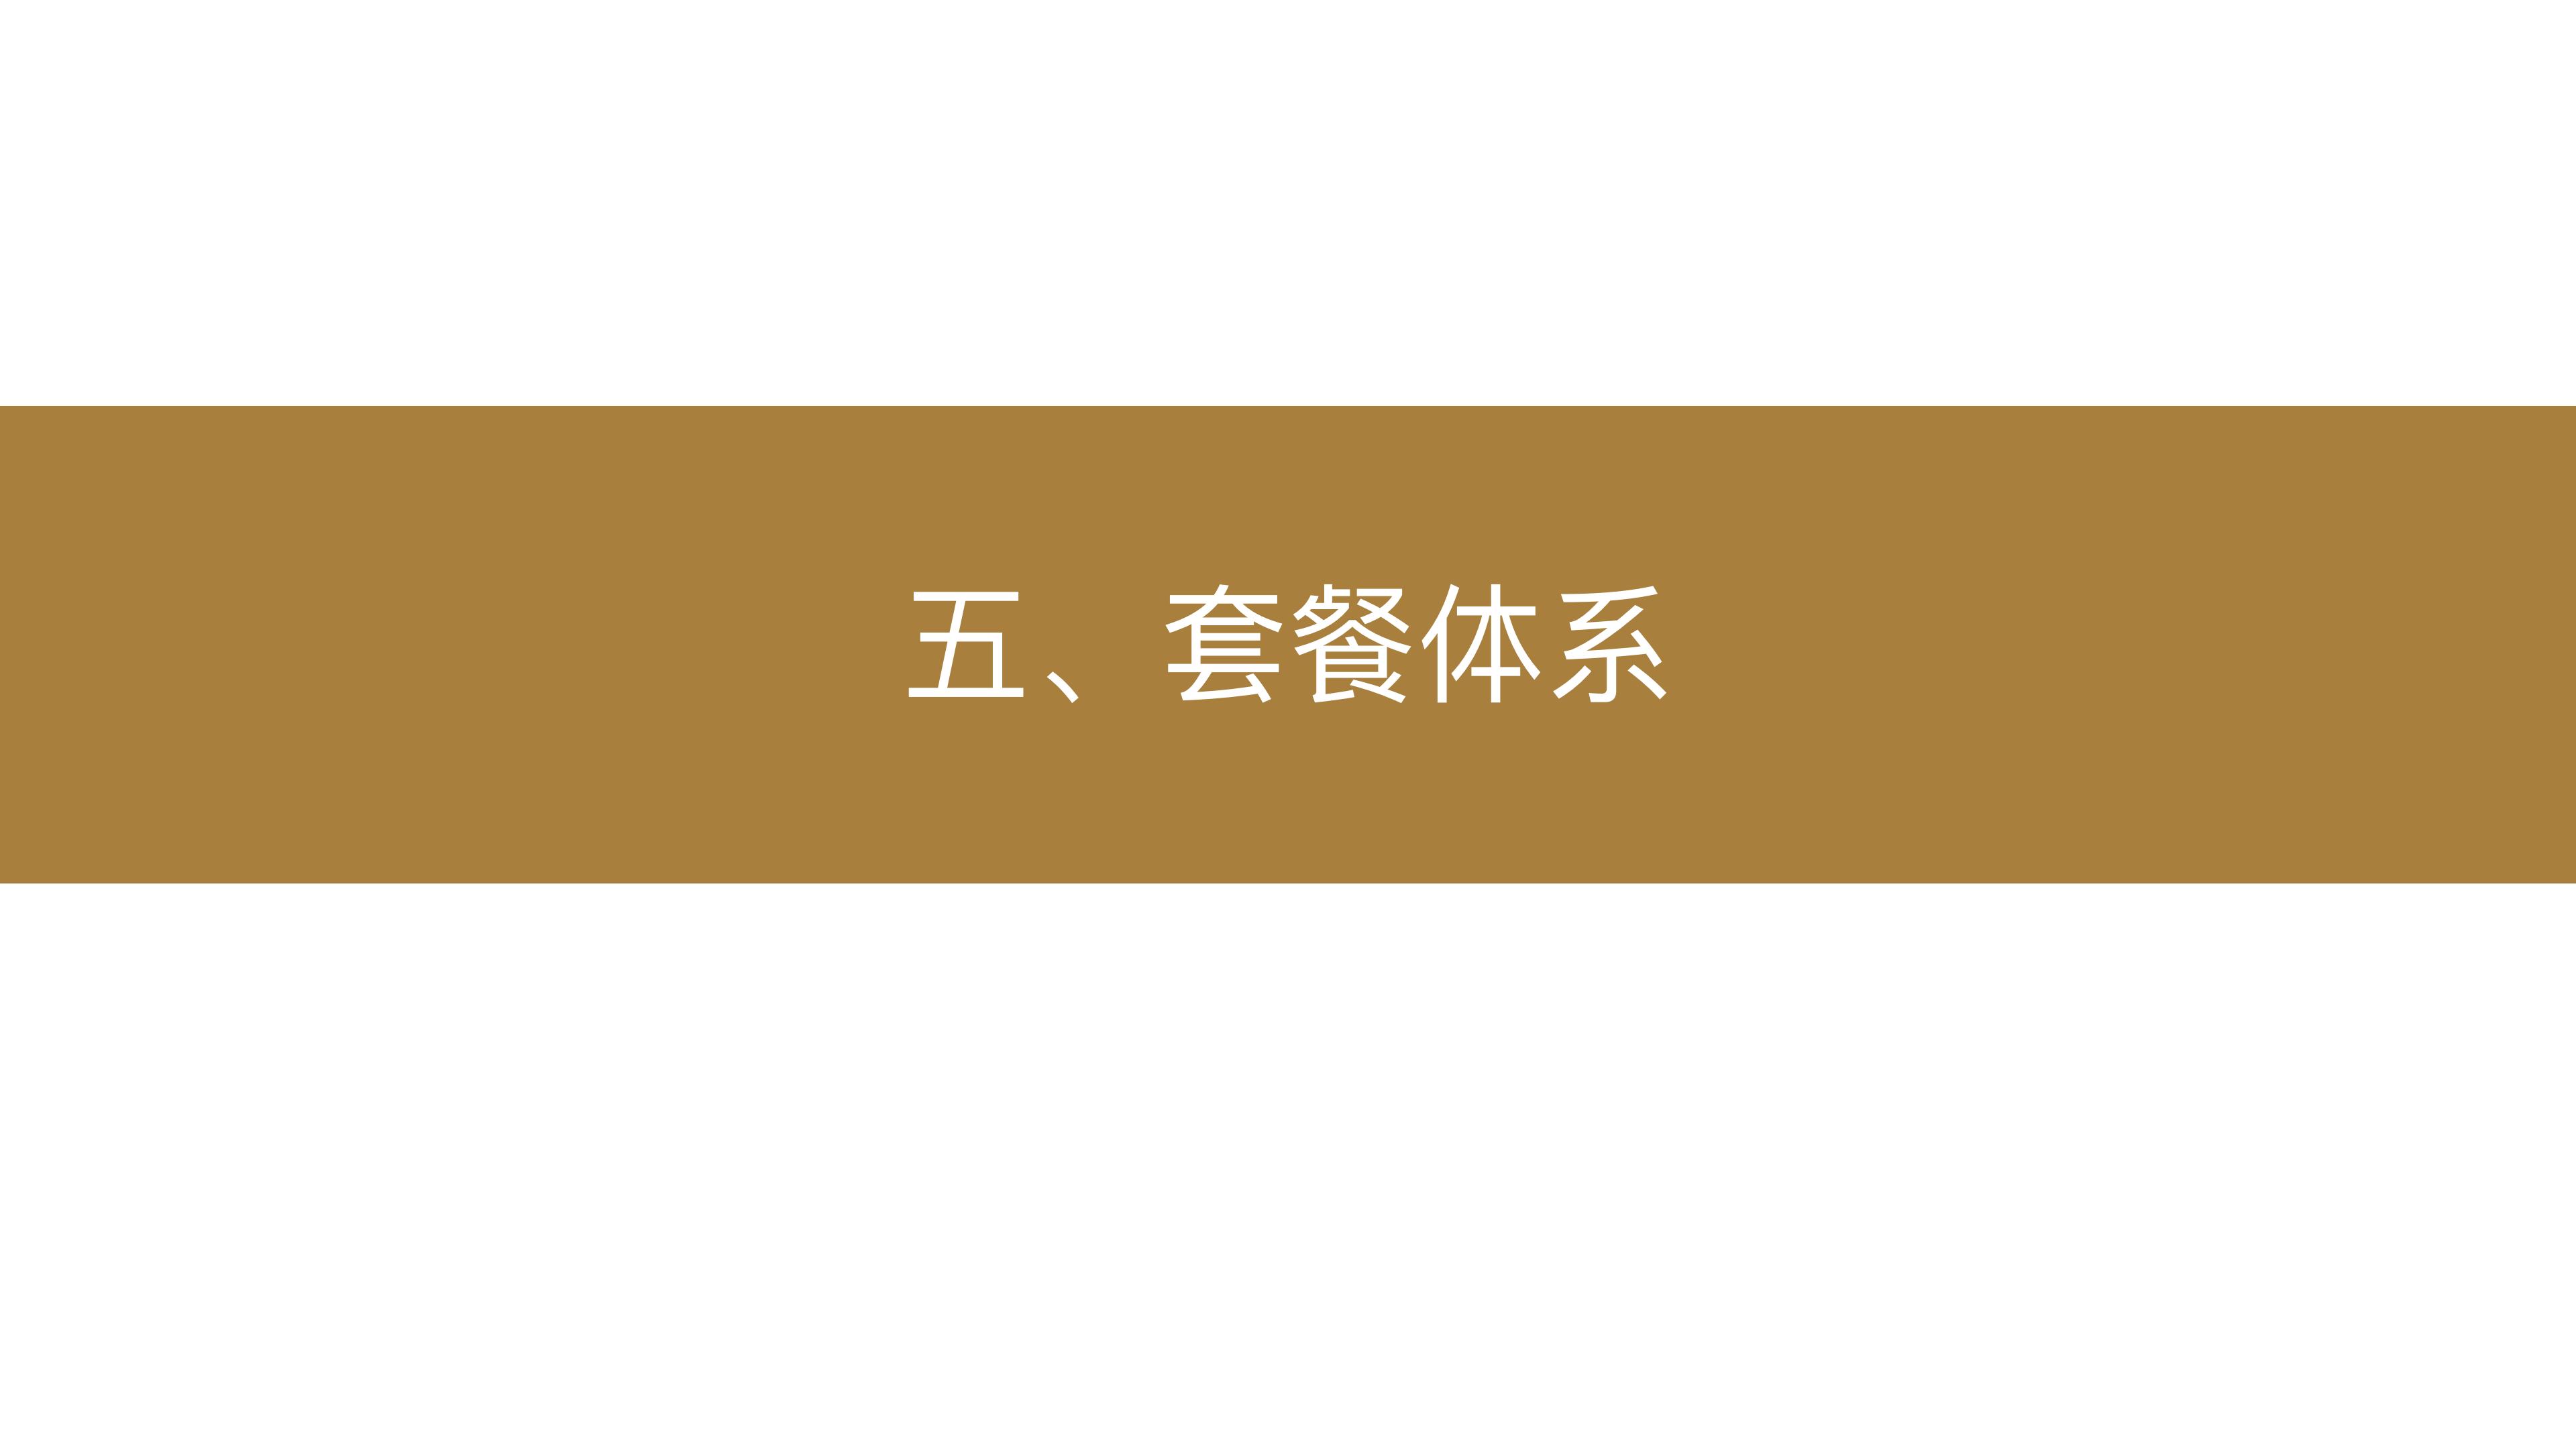 护架卫士产品介绍1.2_24.png